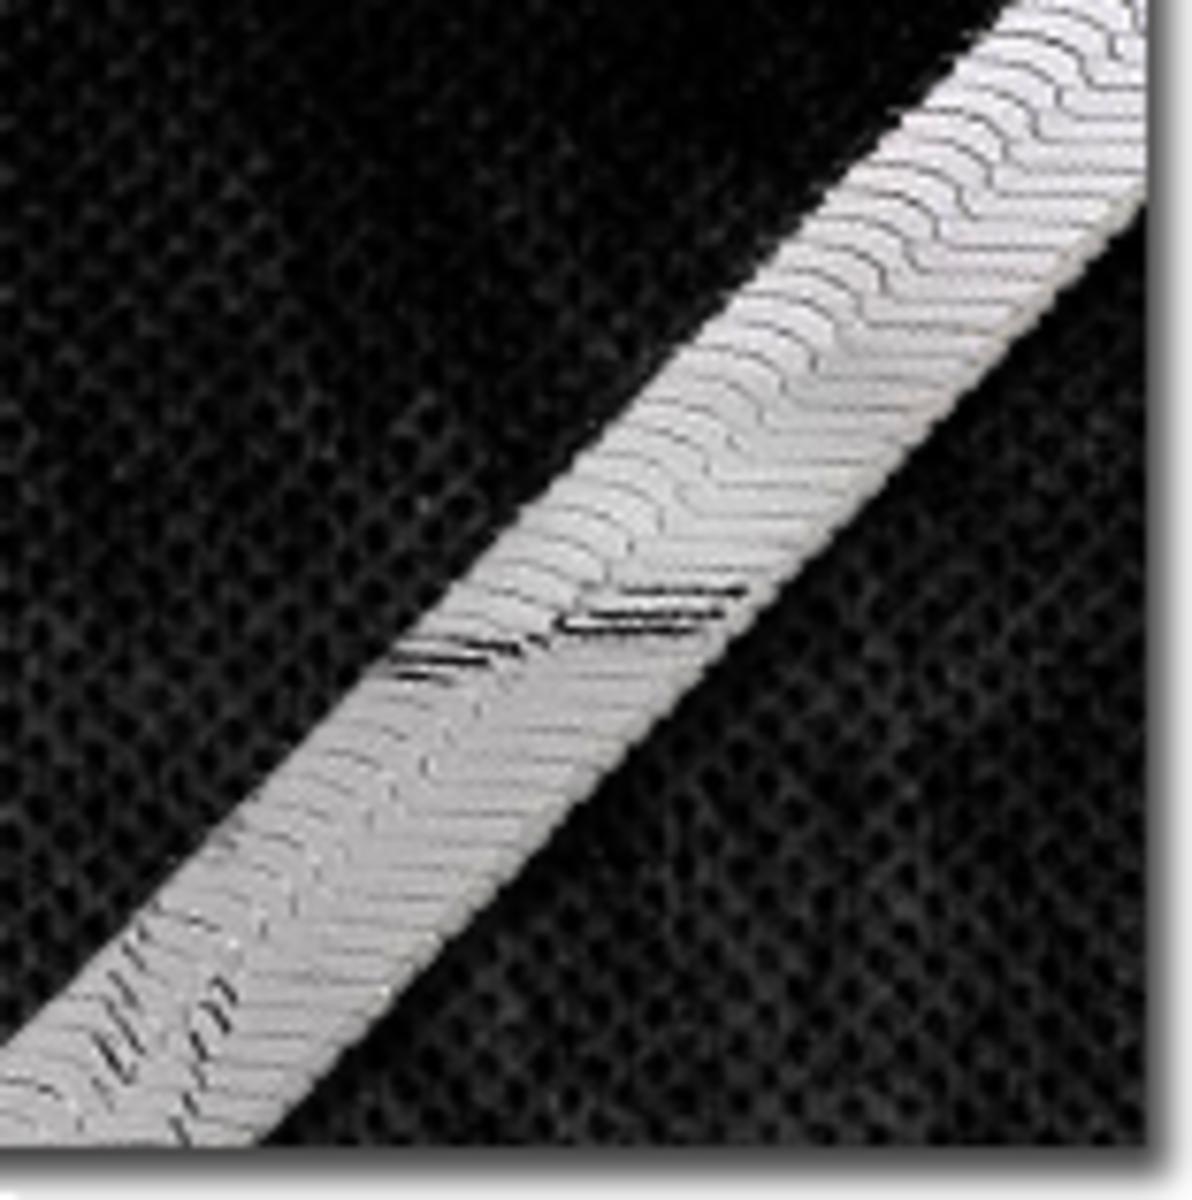 ▲ Herringbone Chain